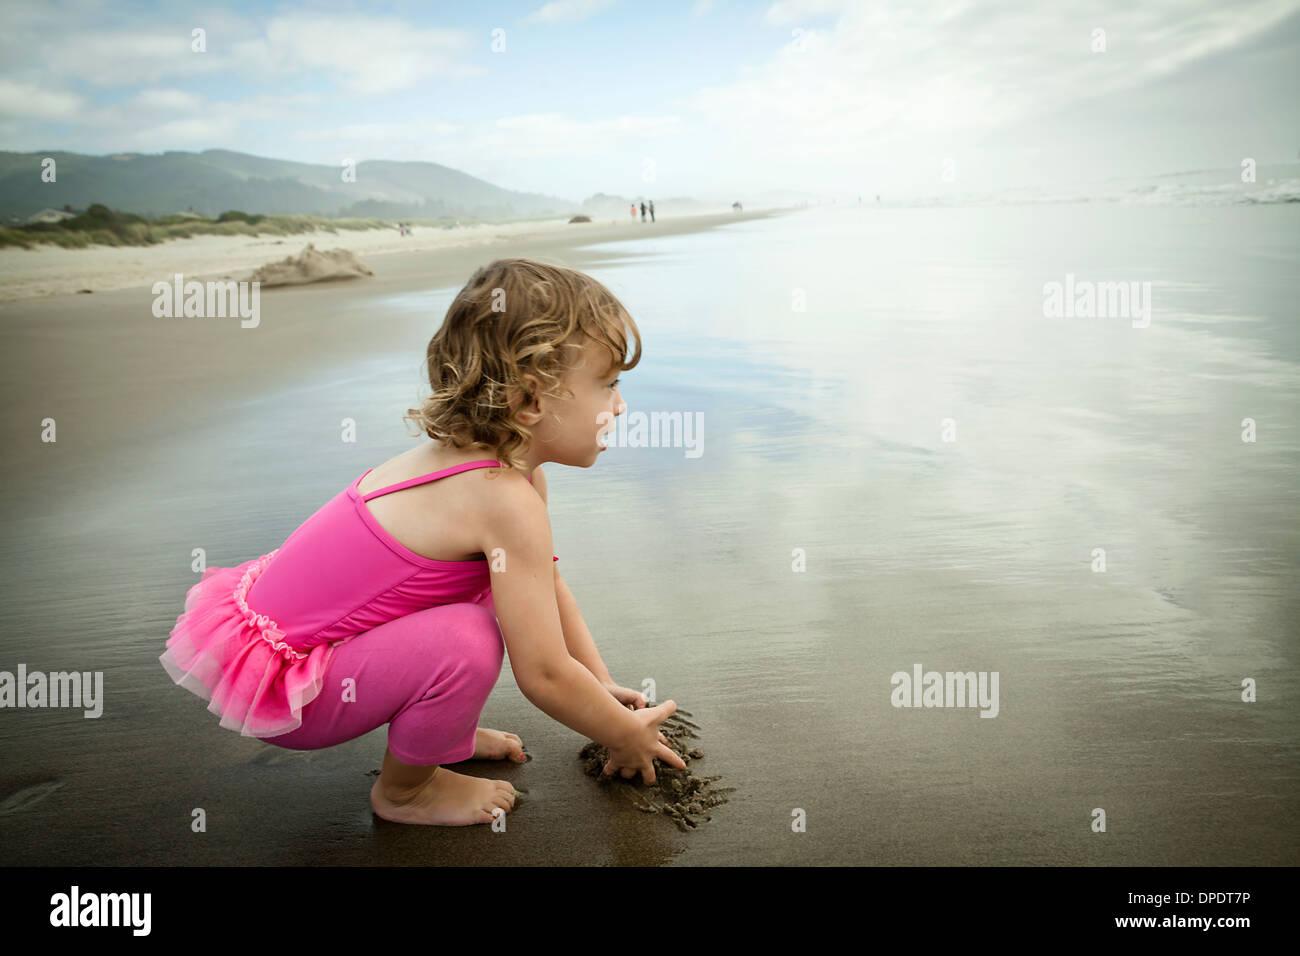 Porträt von weiblichen Kleinkind im Sand spielen Stockbild